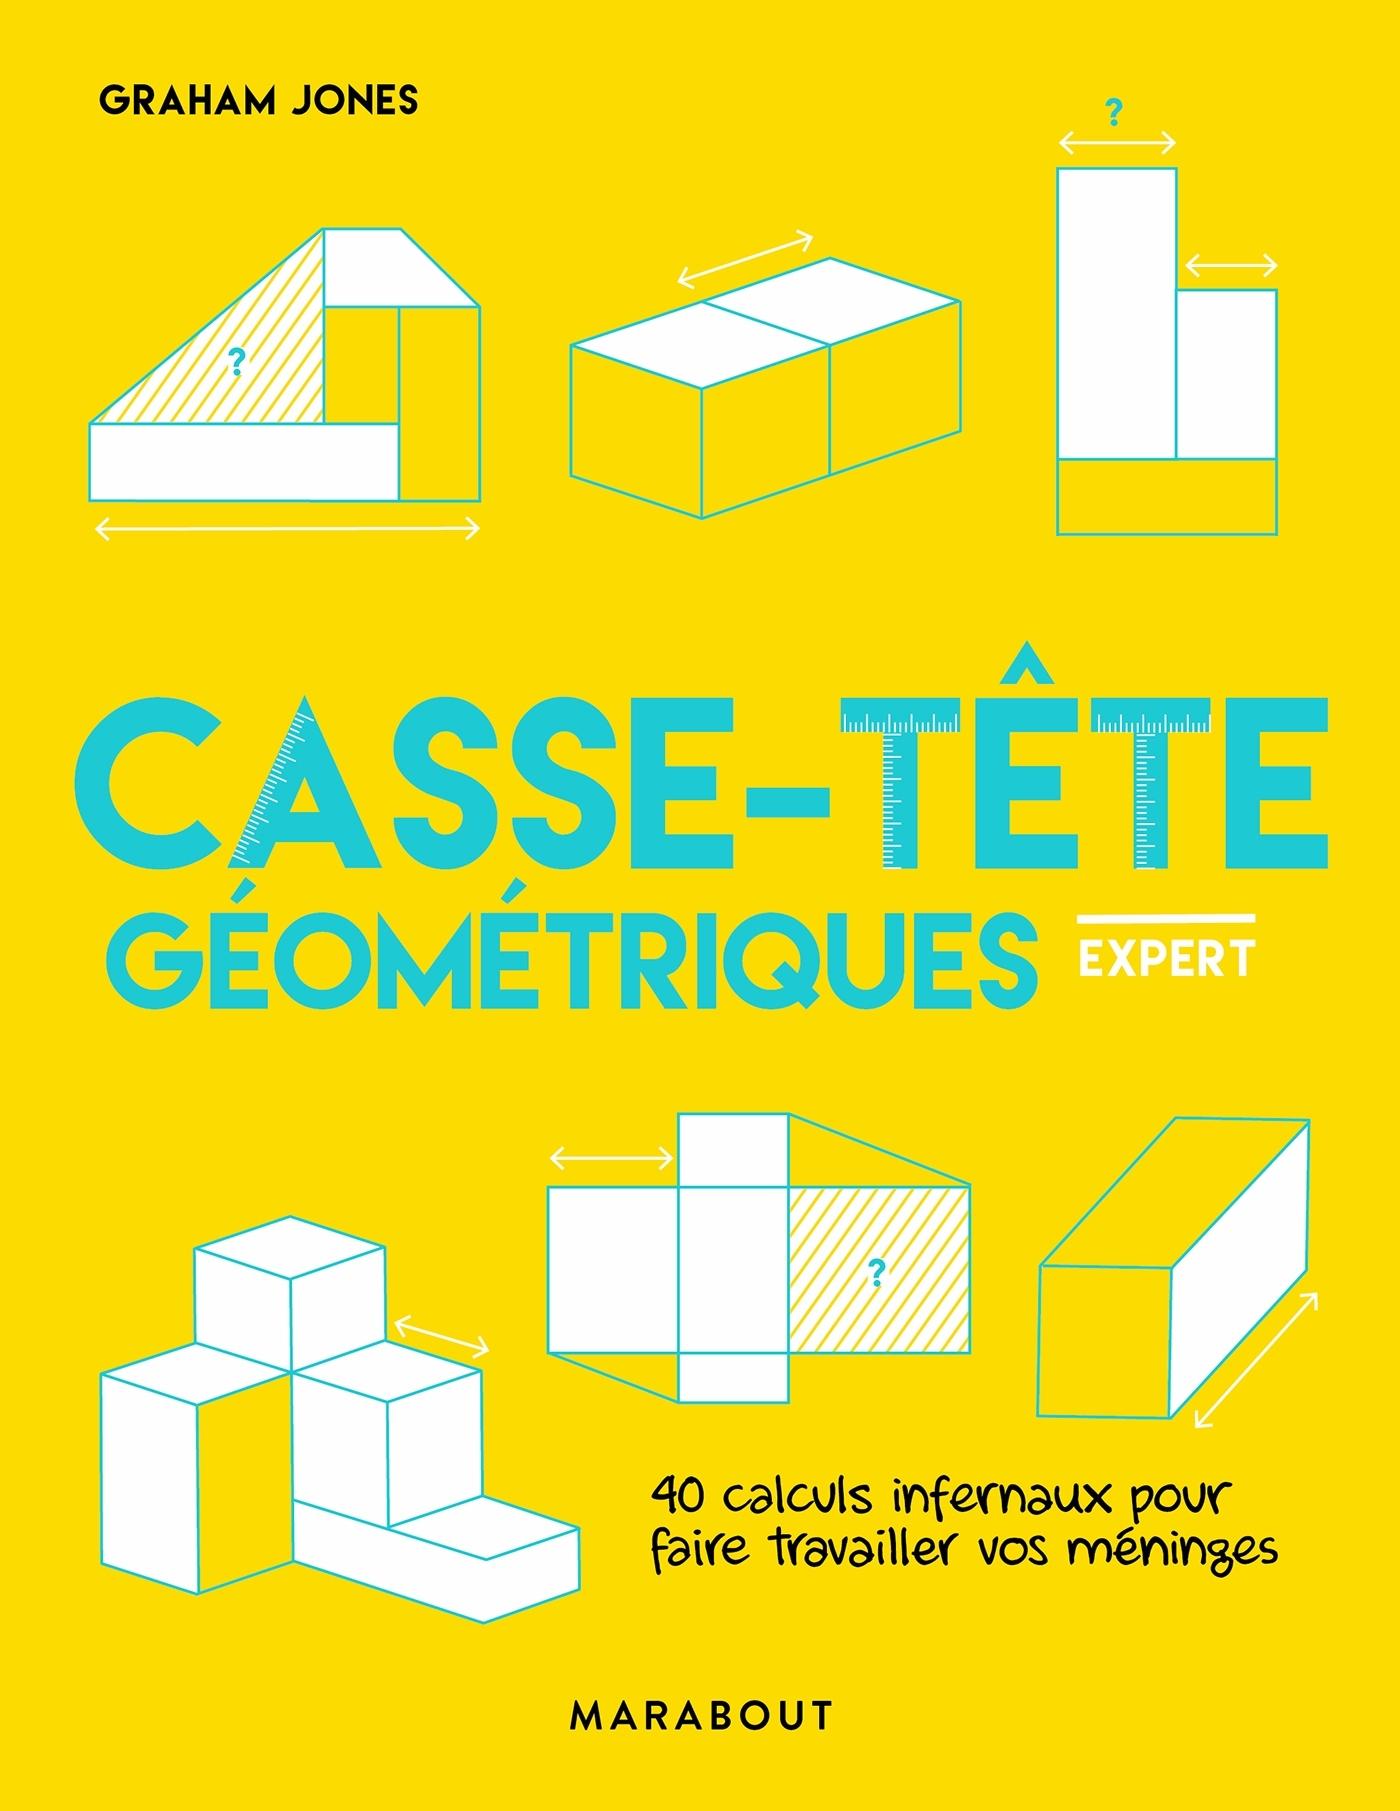 CASSE-TETE GEOMETRIQUE - EXPERT